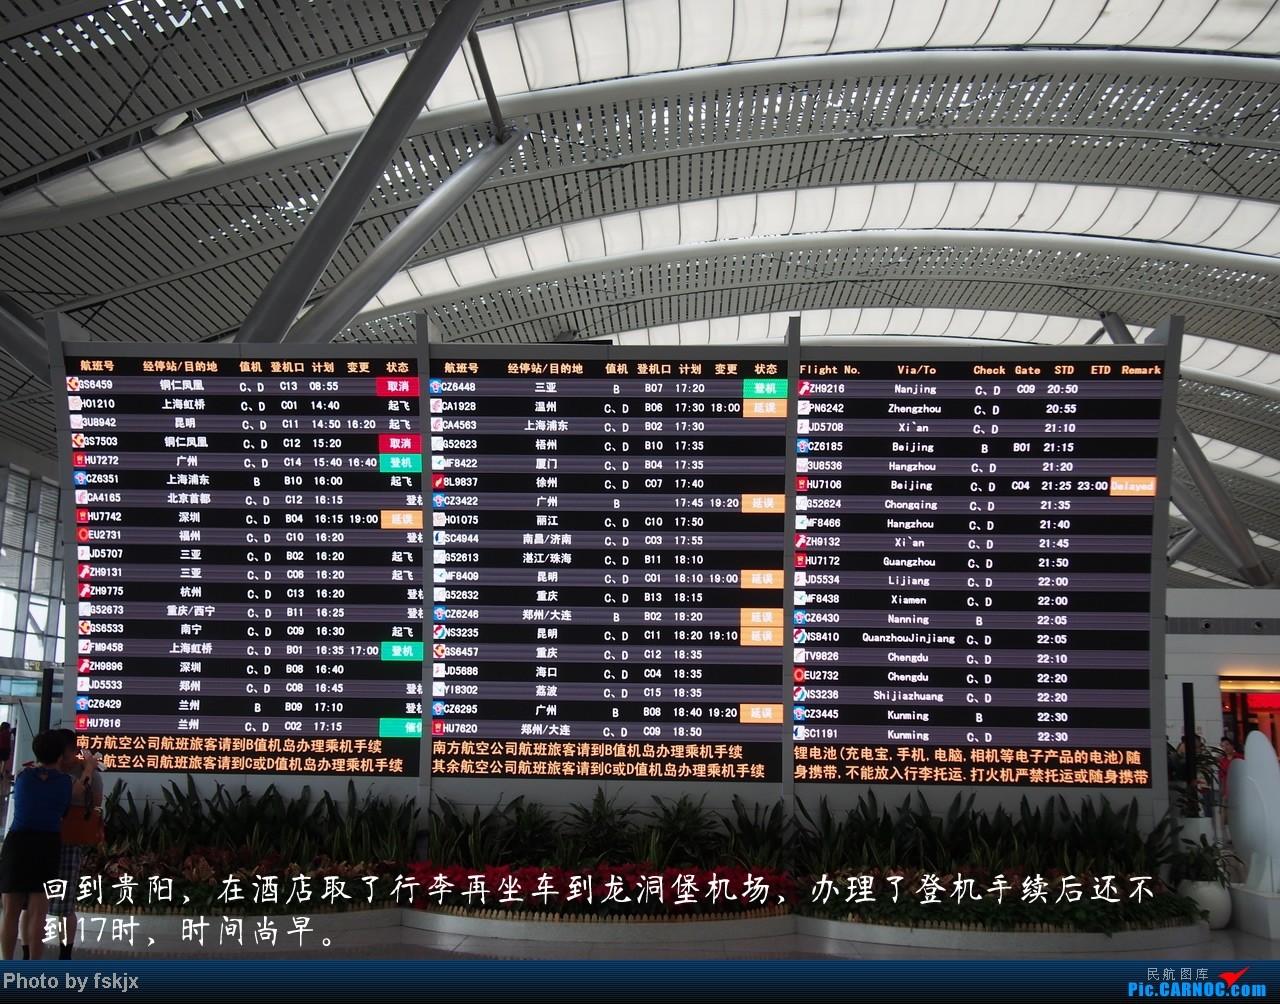 【fskjx的飞行游记☆9】盛夏贵州避暑,感受壮观的黄果树瀑布    中国贵阳龙洞堡机场